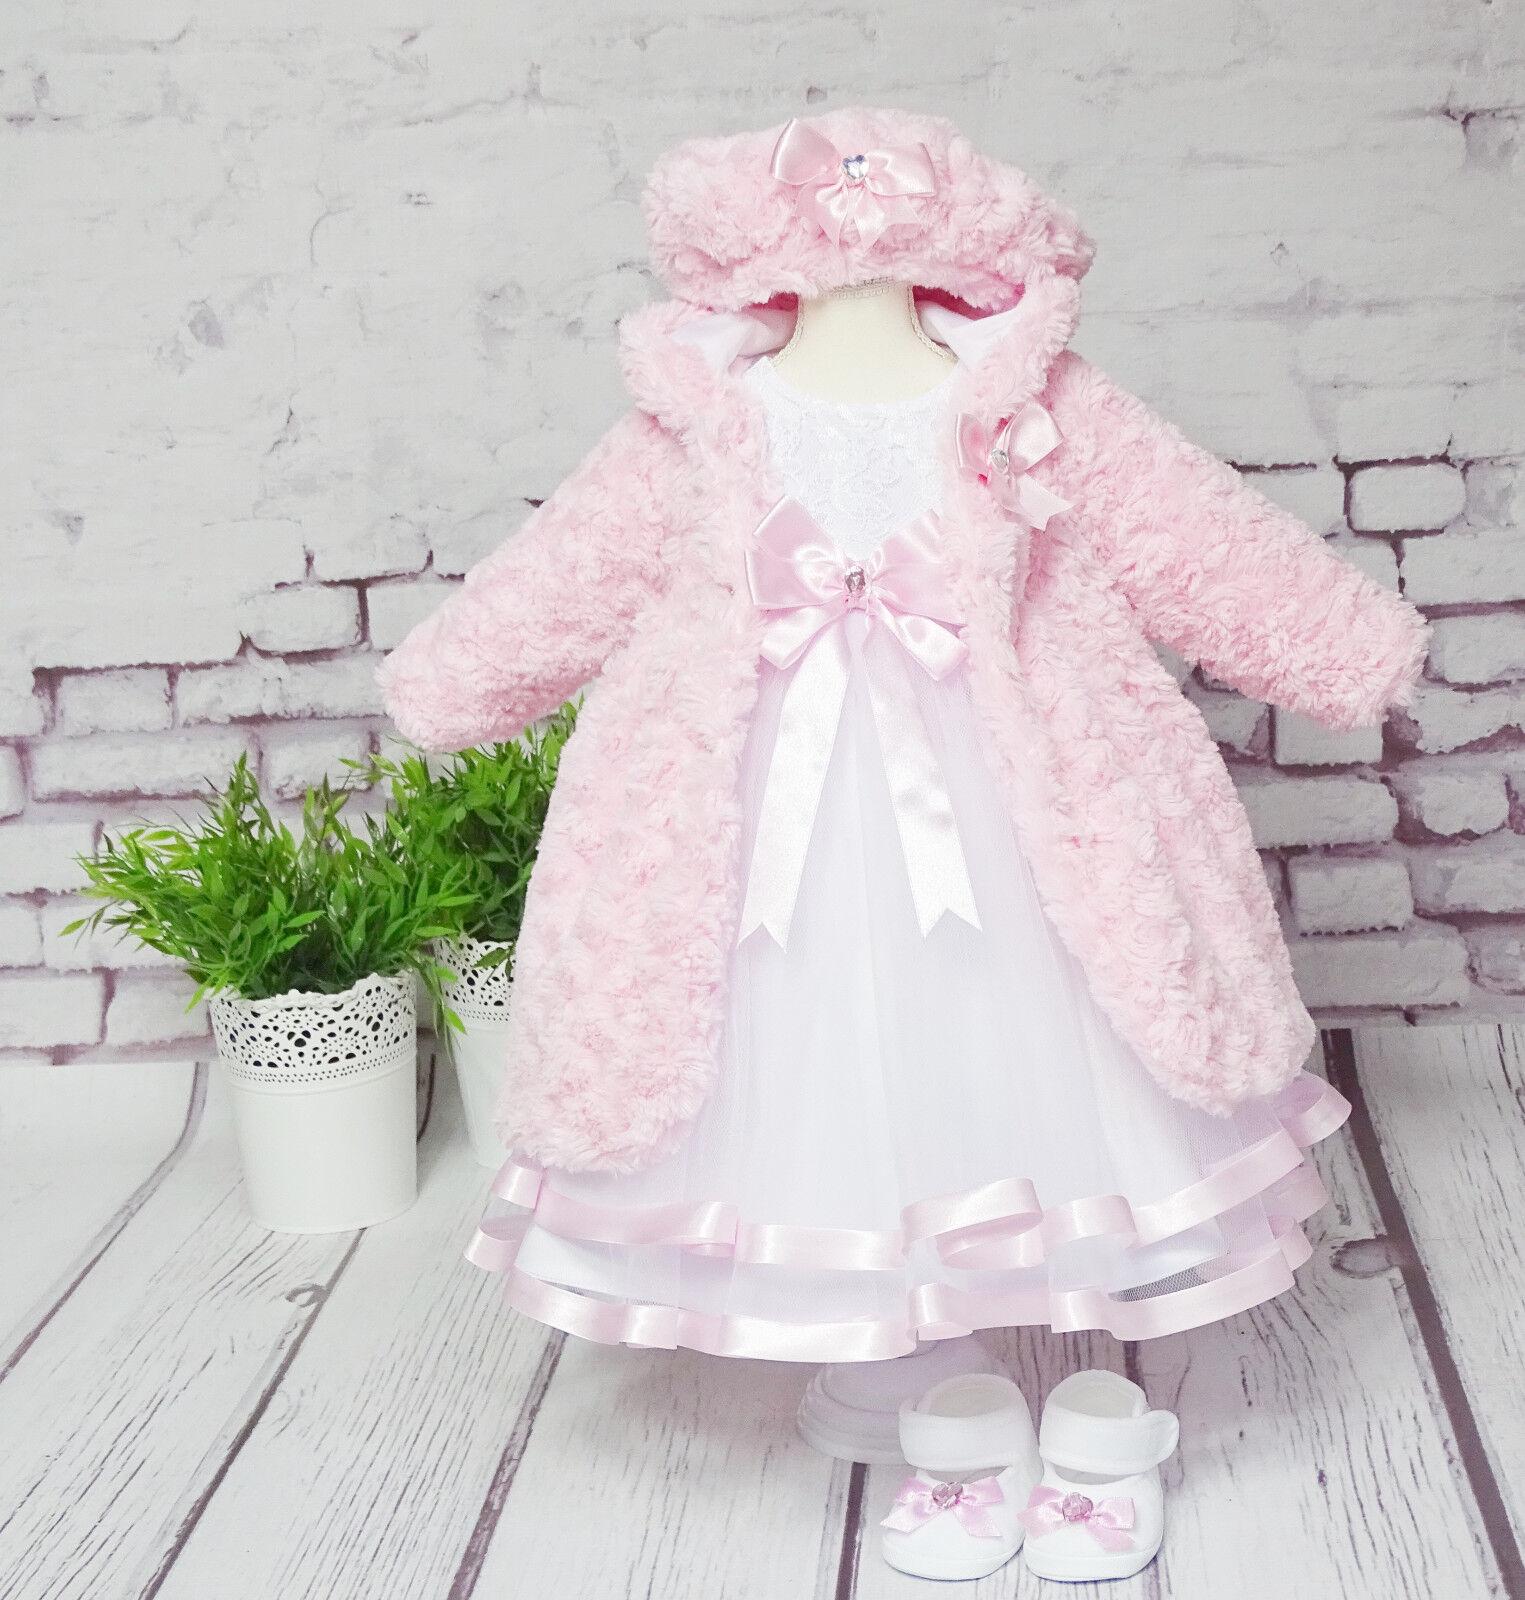 rosa ❤️Neuheit 2019❤️ Taufkleid+Stirnband+Mantel Spitze Taufe Babykleid weiss